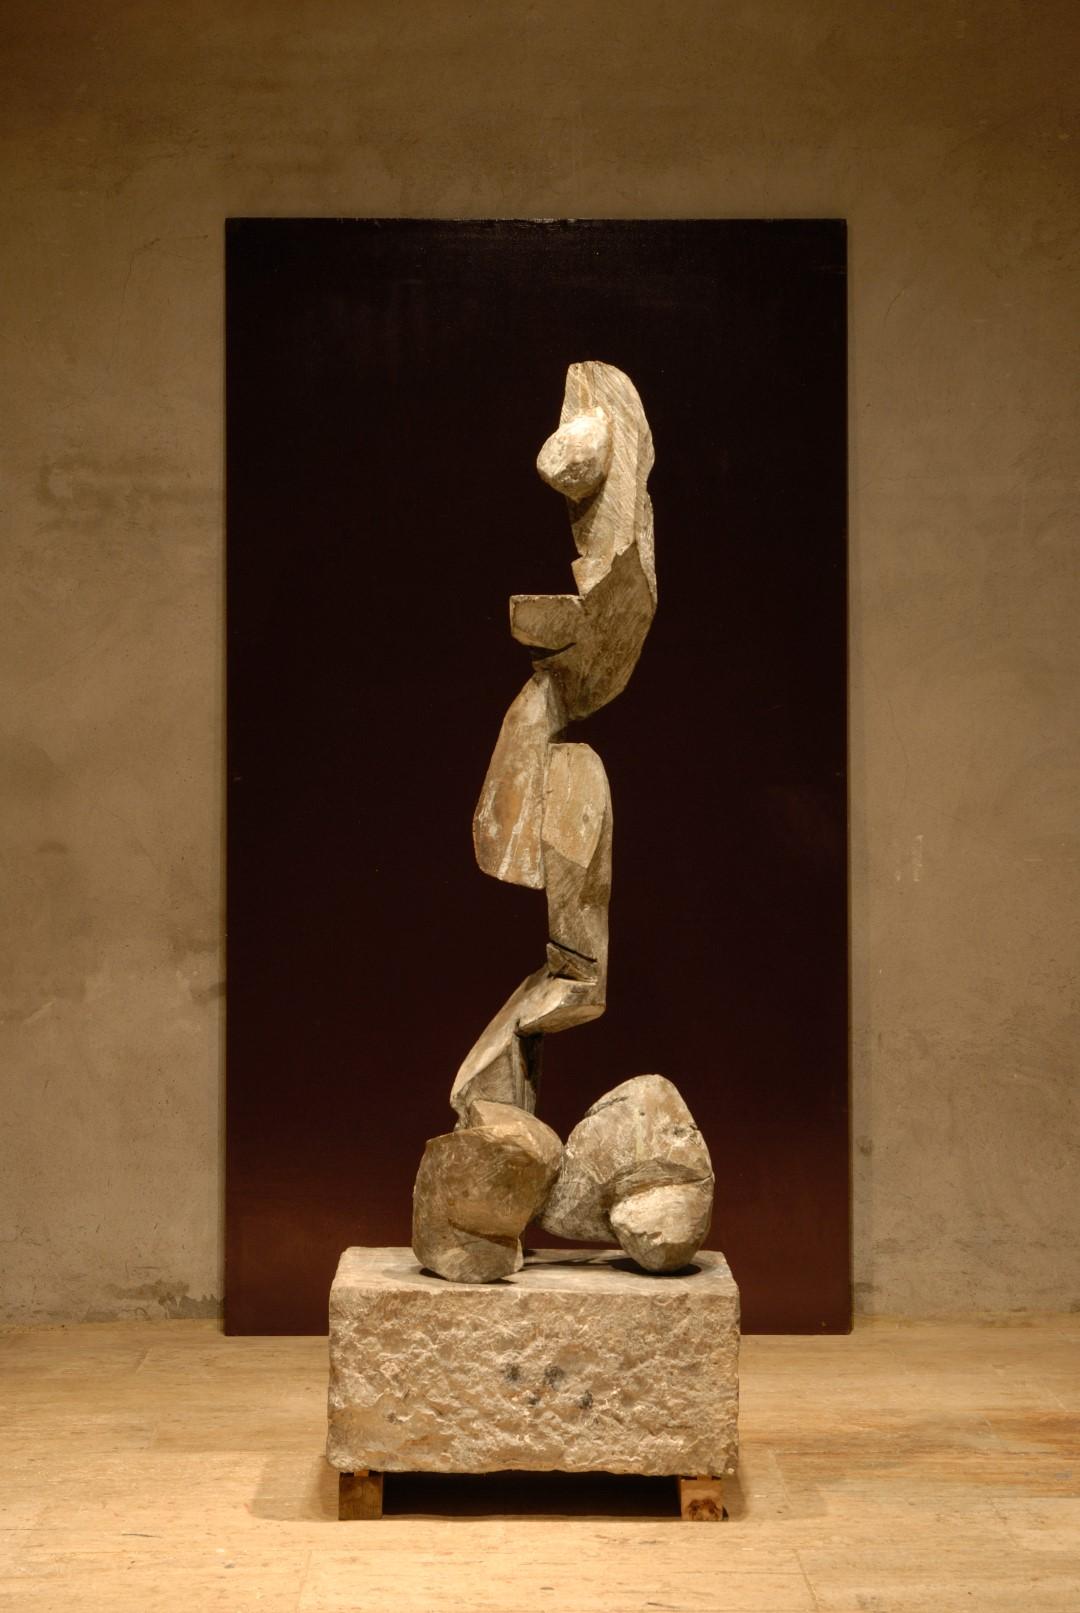 Suite voor Siiri (12), brons, 1,8 x 0,5 x 0,5 m